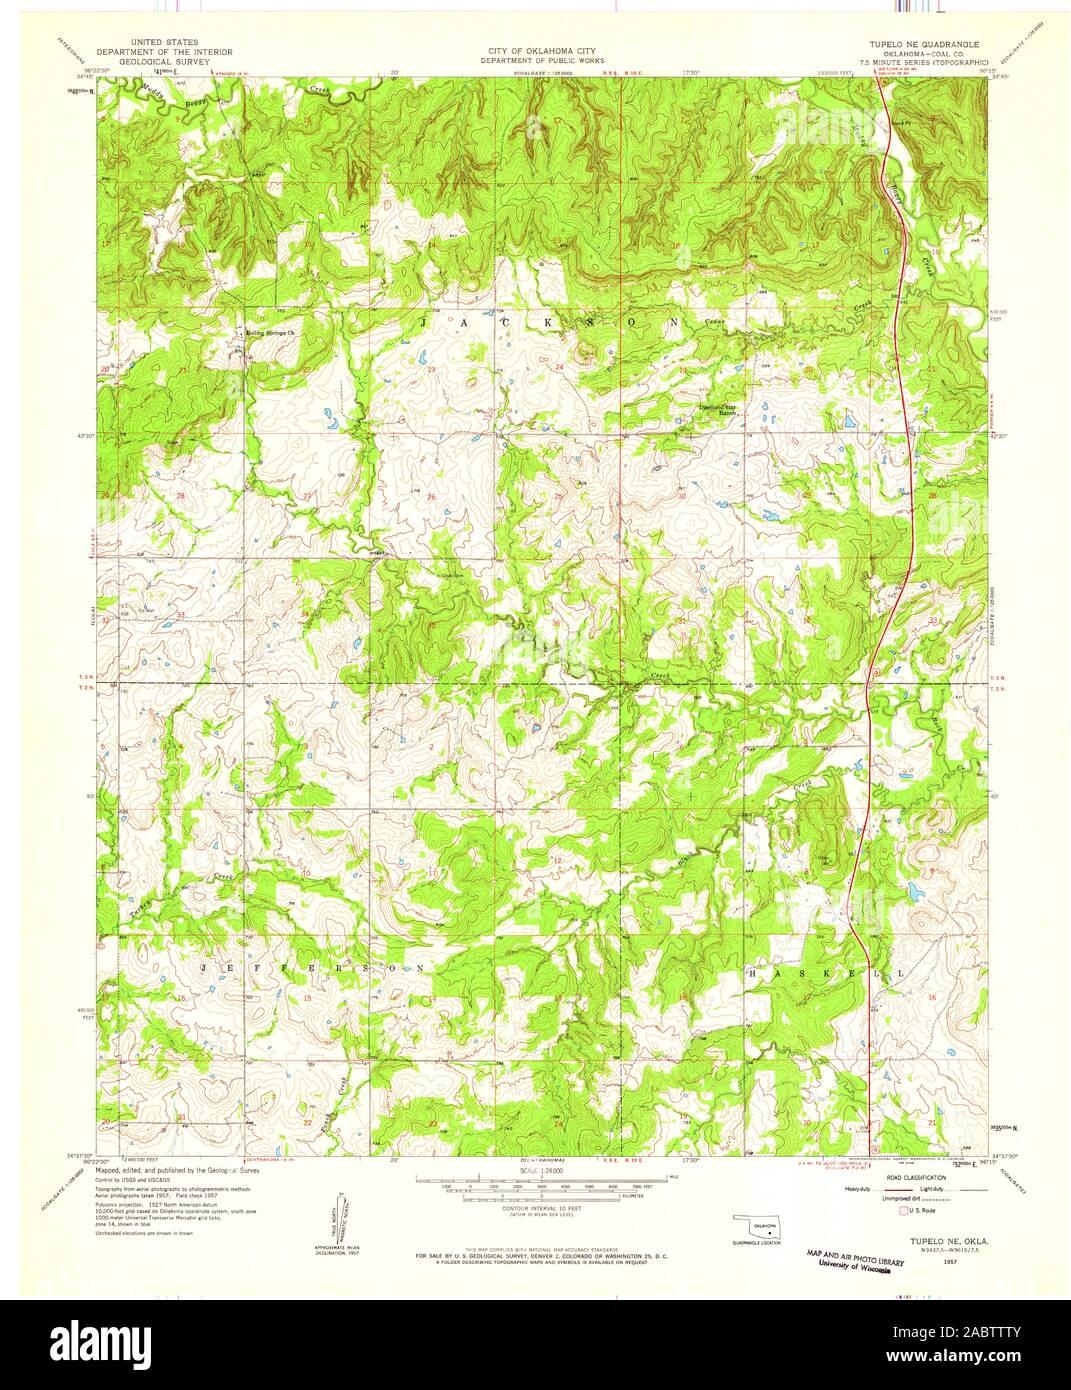 USGS TOPO Map Oklahoma OK Tupelo NE 706969 1957 24000 ...